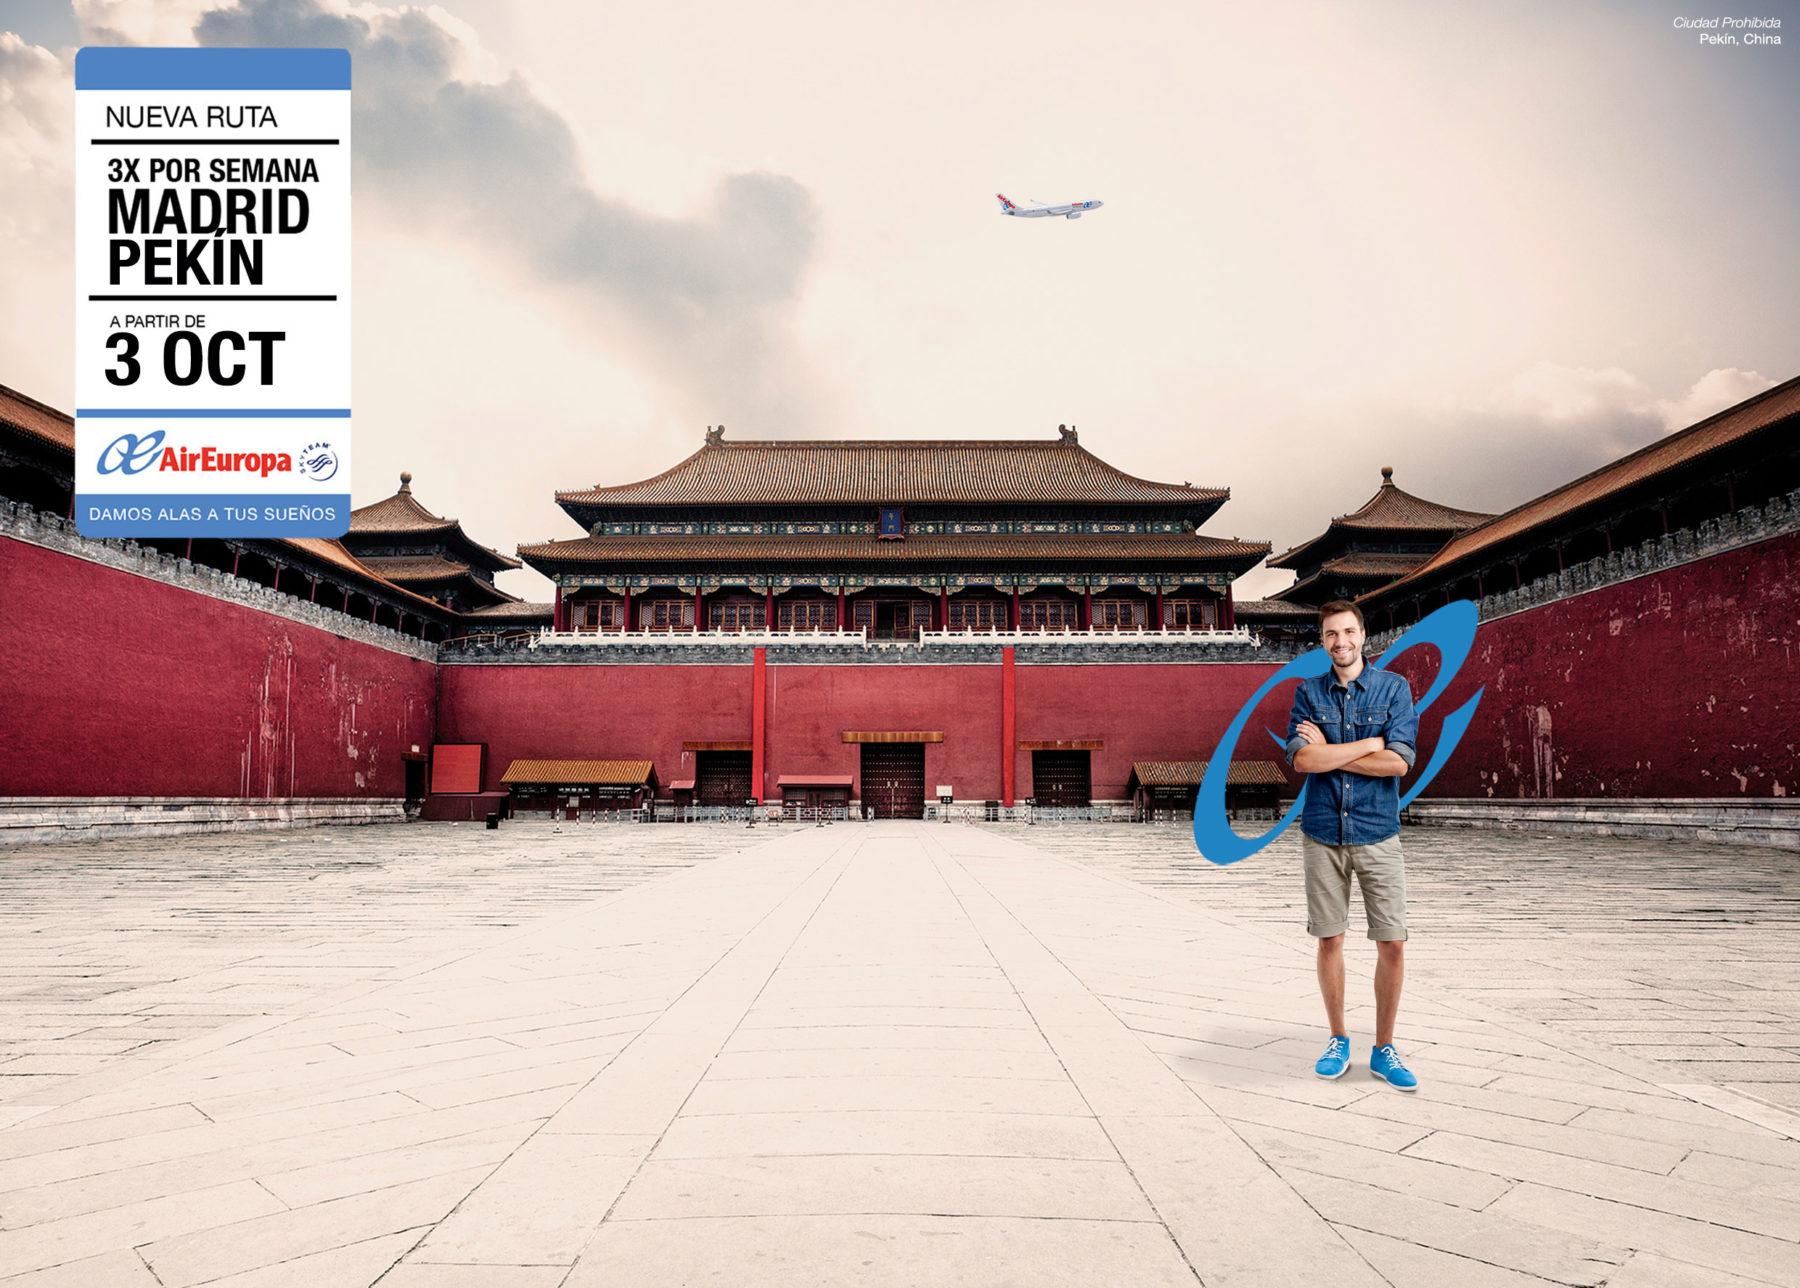 Aireuropa-Pekin